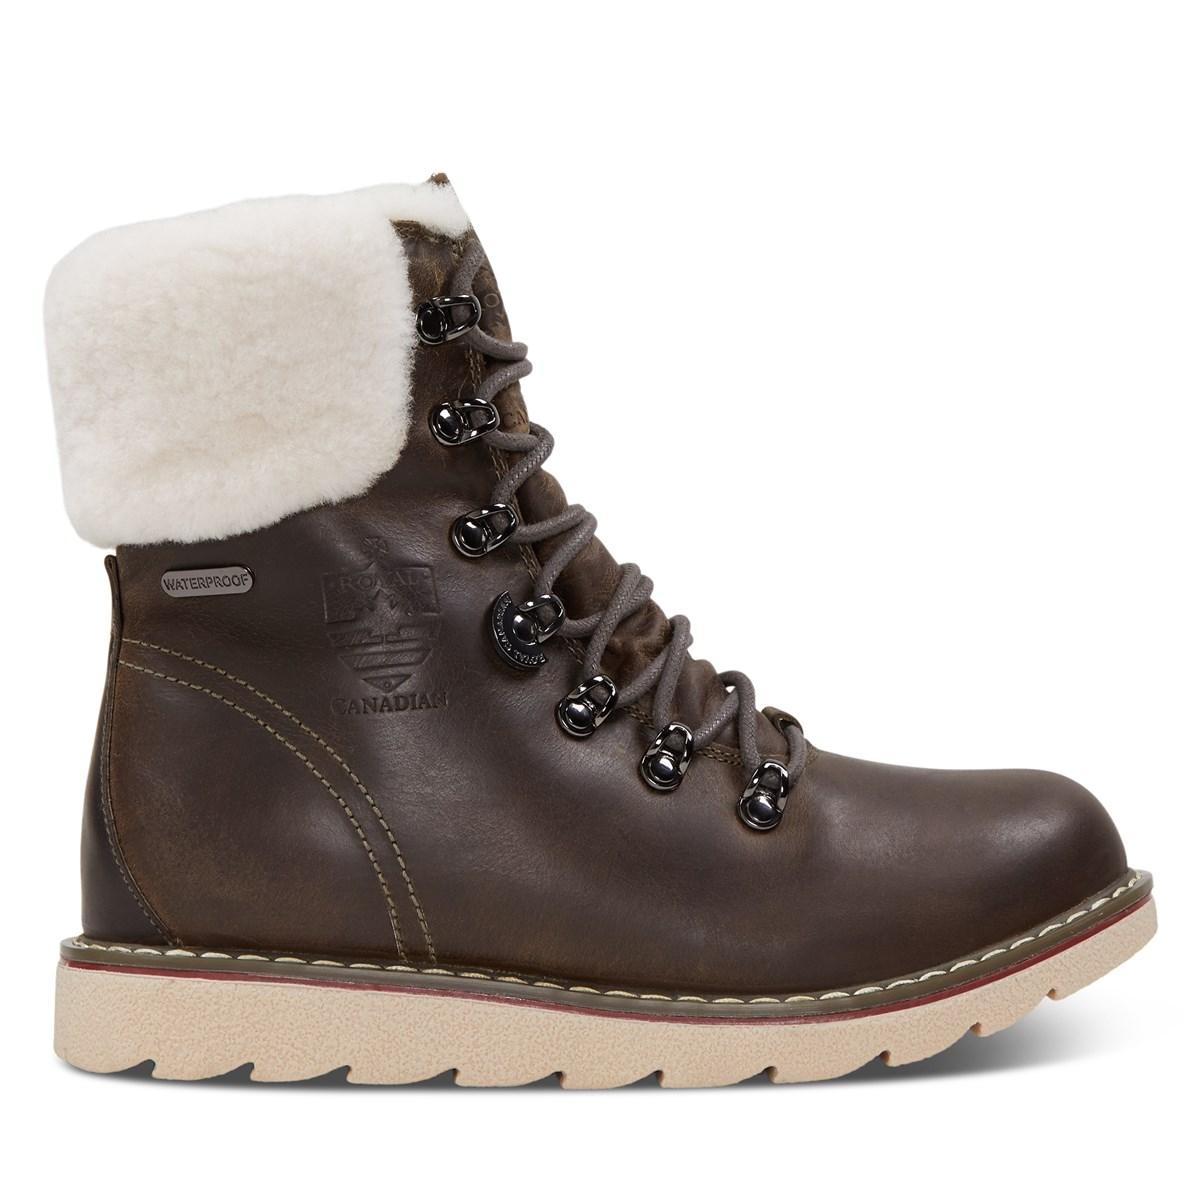 Women's Cambridge Waterproof Boots in Brown